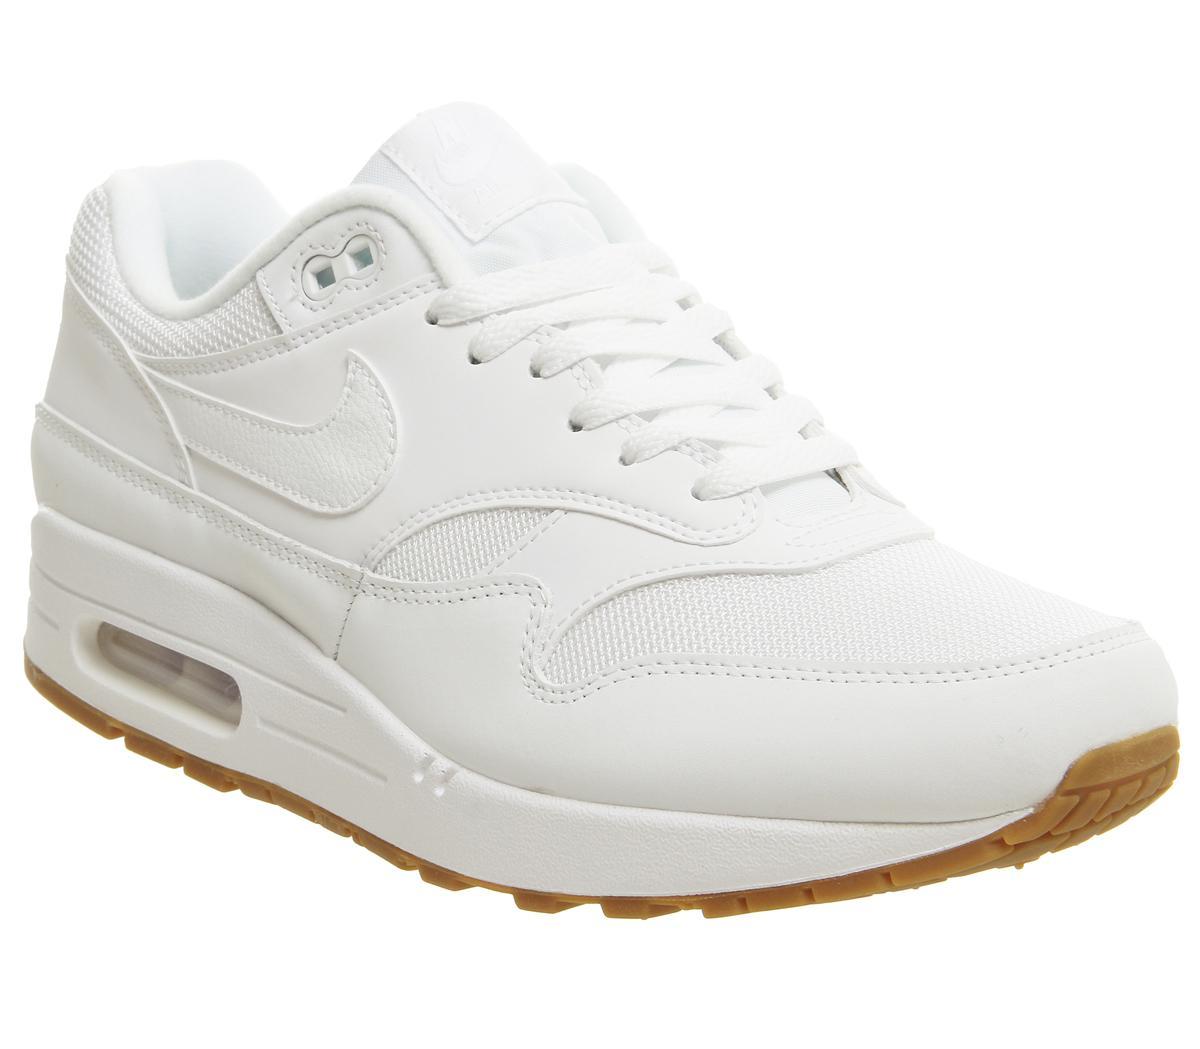 nike air max 1 white and gum